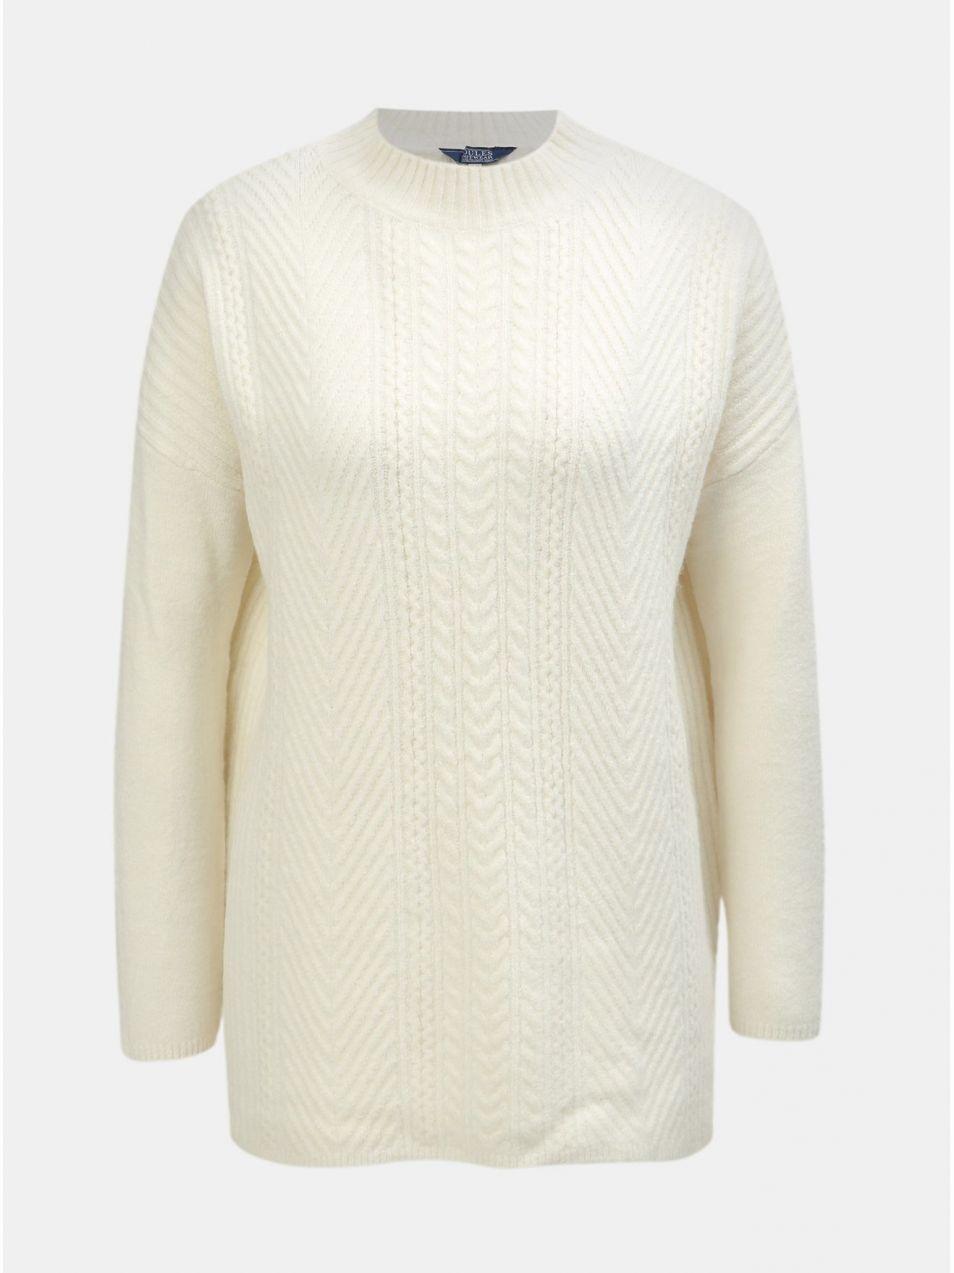 54b08d07c774 Krémový dámsky oversize sveter s prímesou vlny Tom Joule značky Tom ...